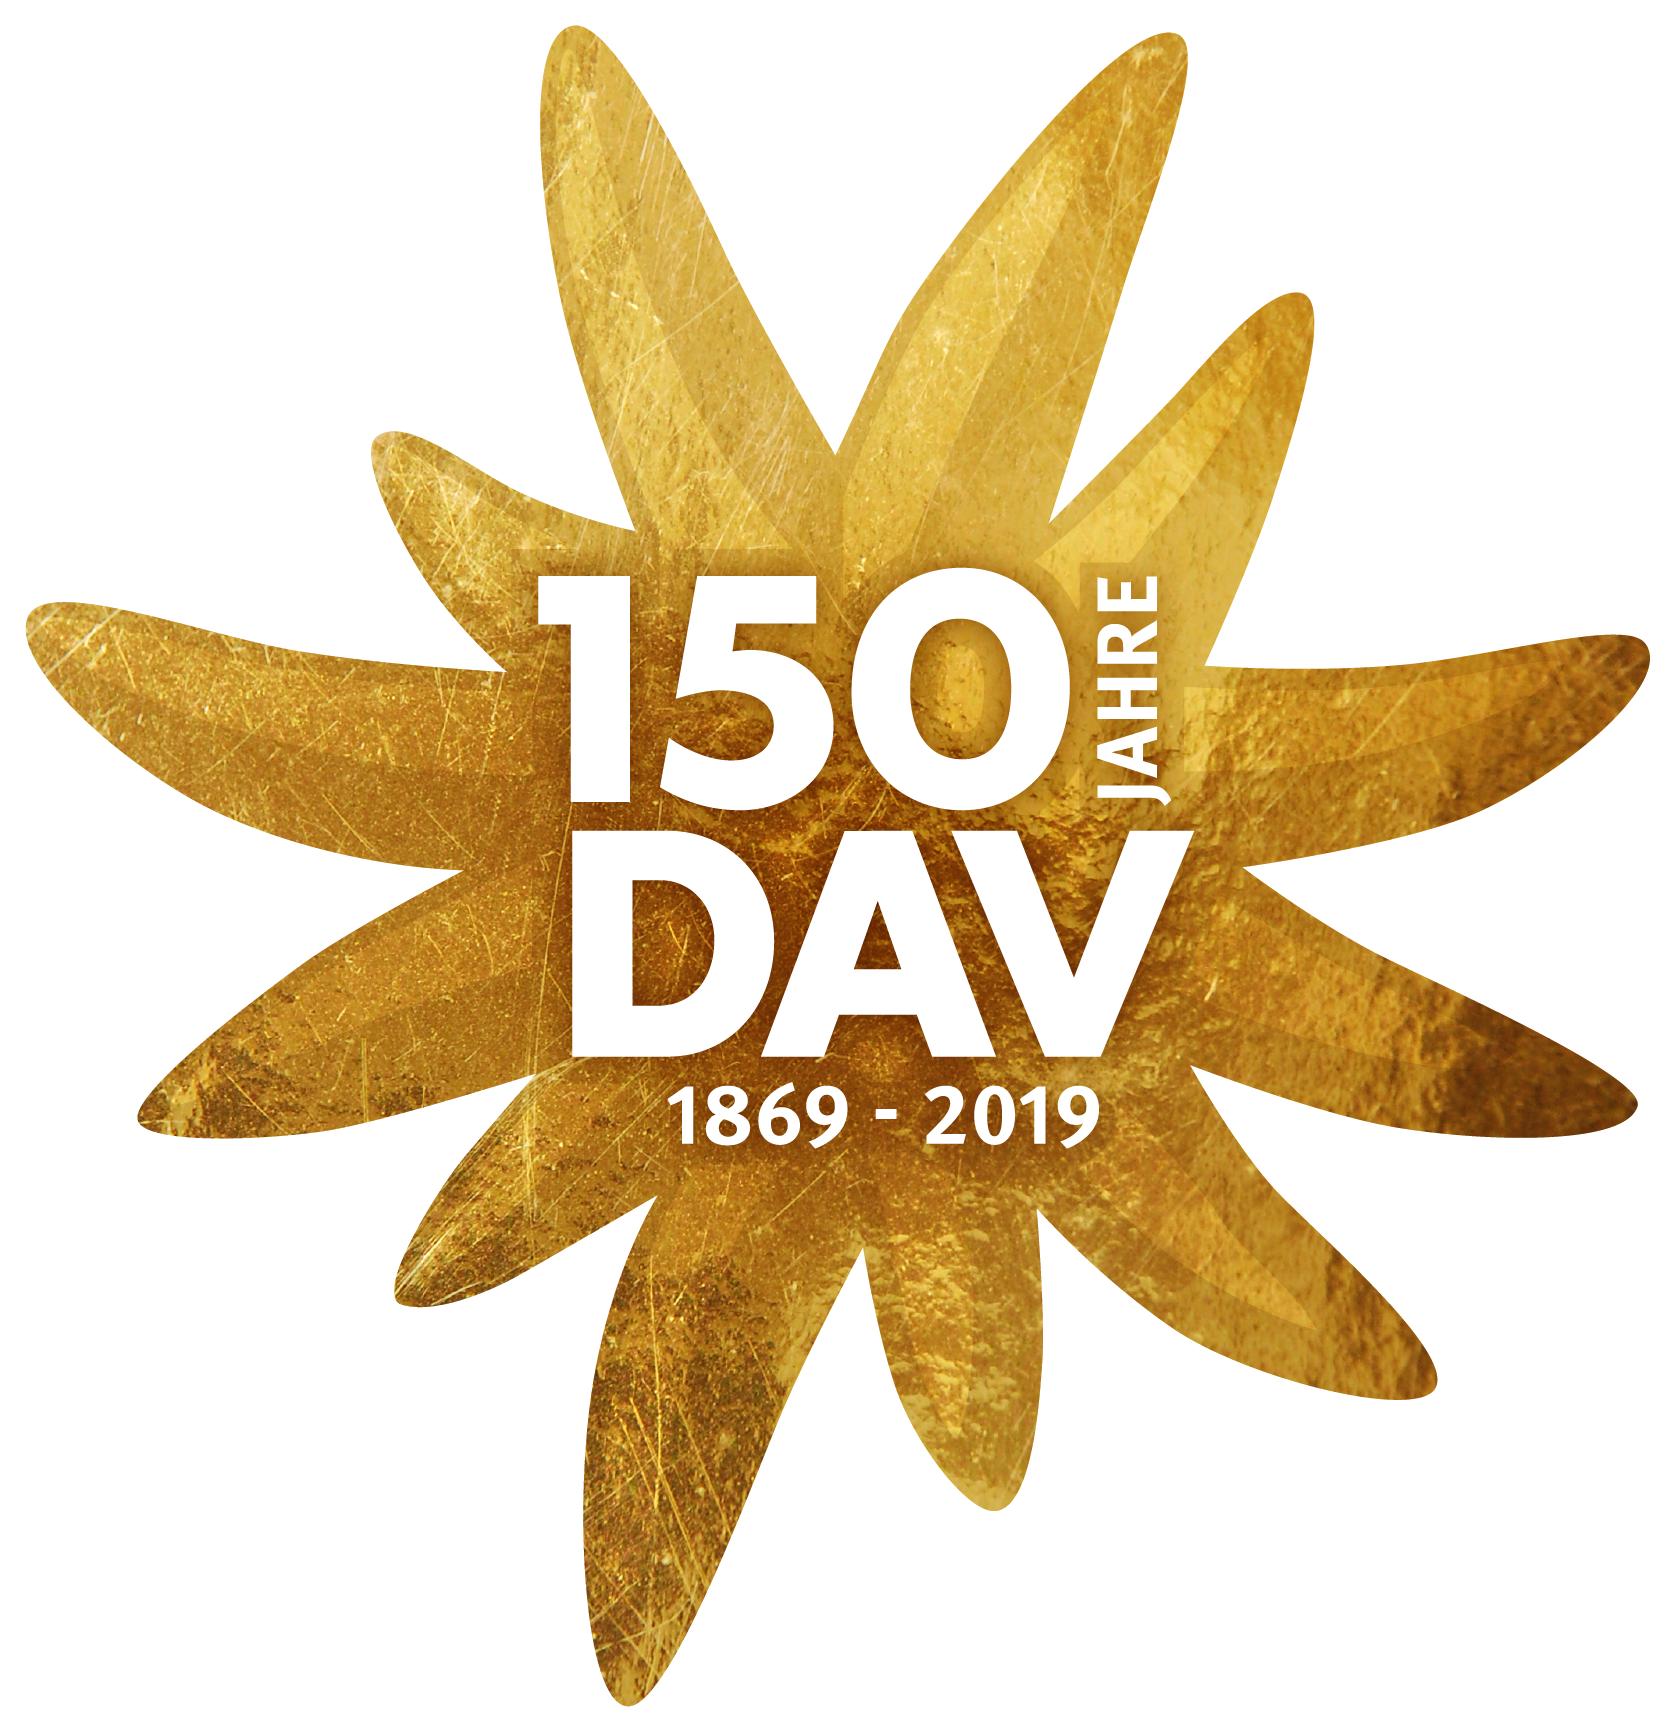 150 Jahre DAV